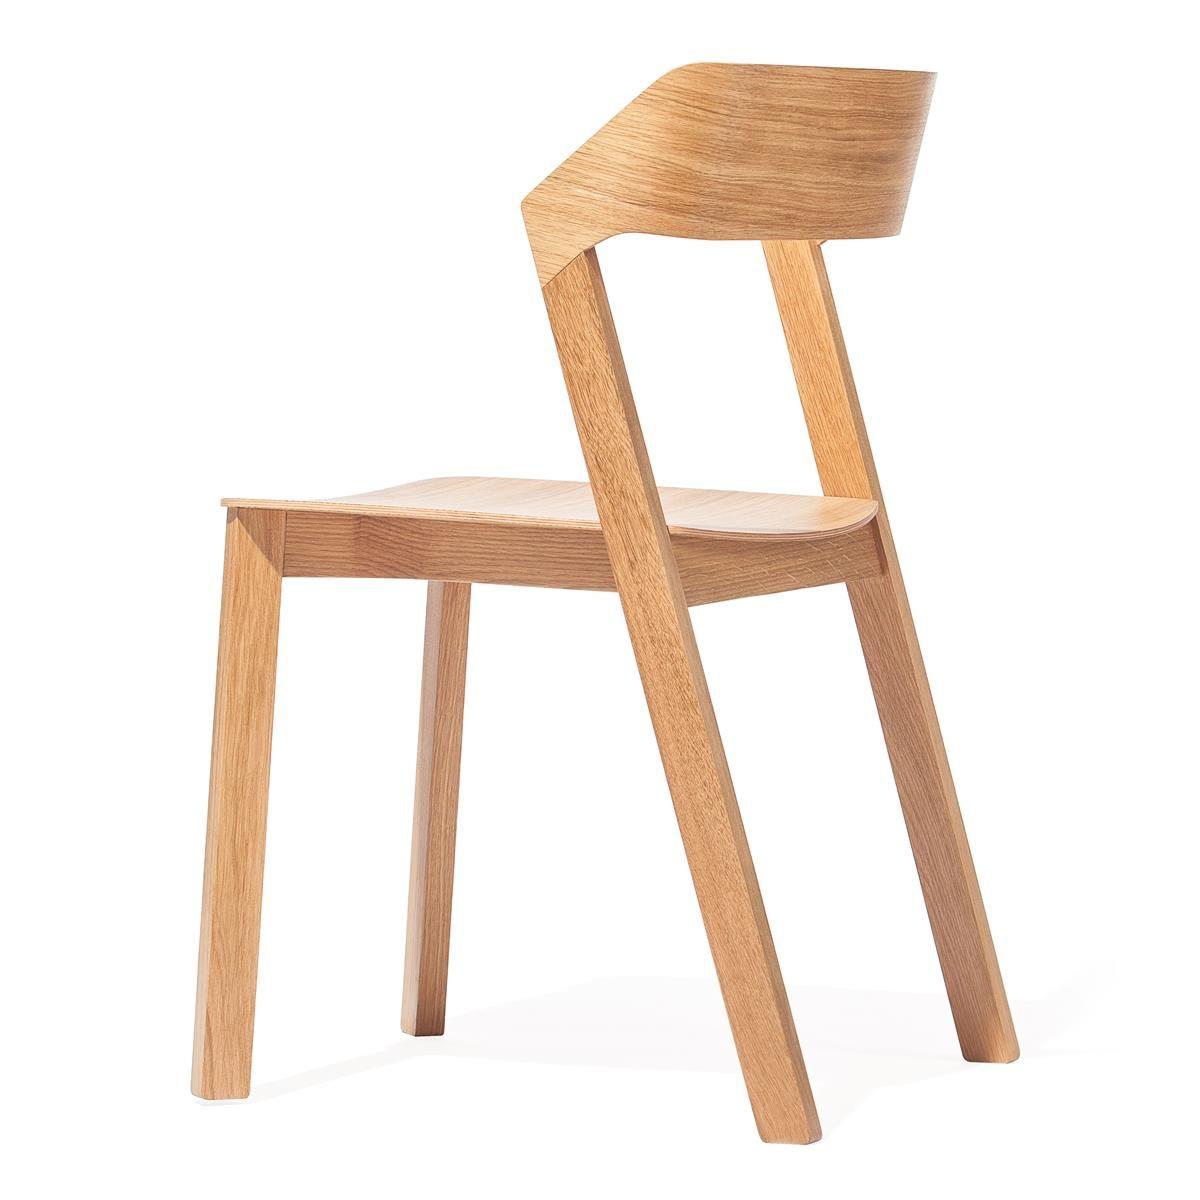 Stuhl Merano Ton A S Von Menschen Gefertigte Stuhle 의자